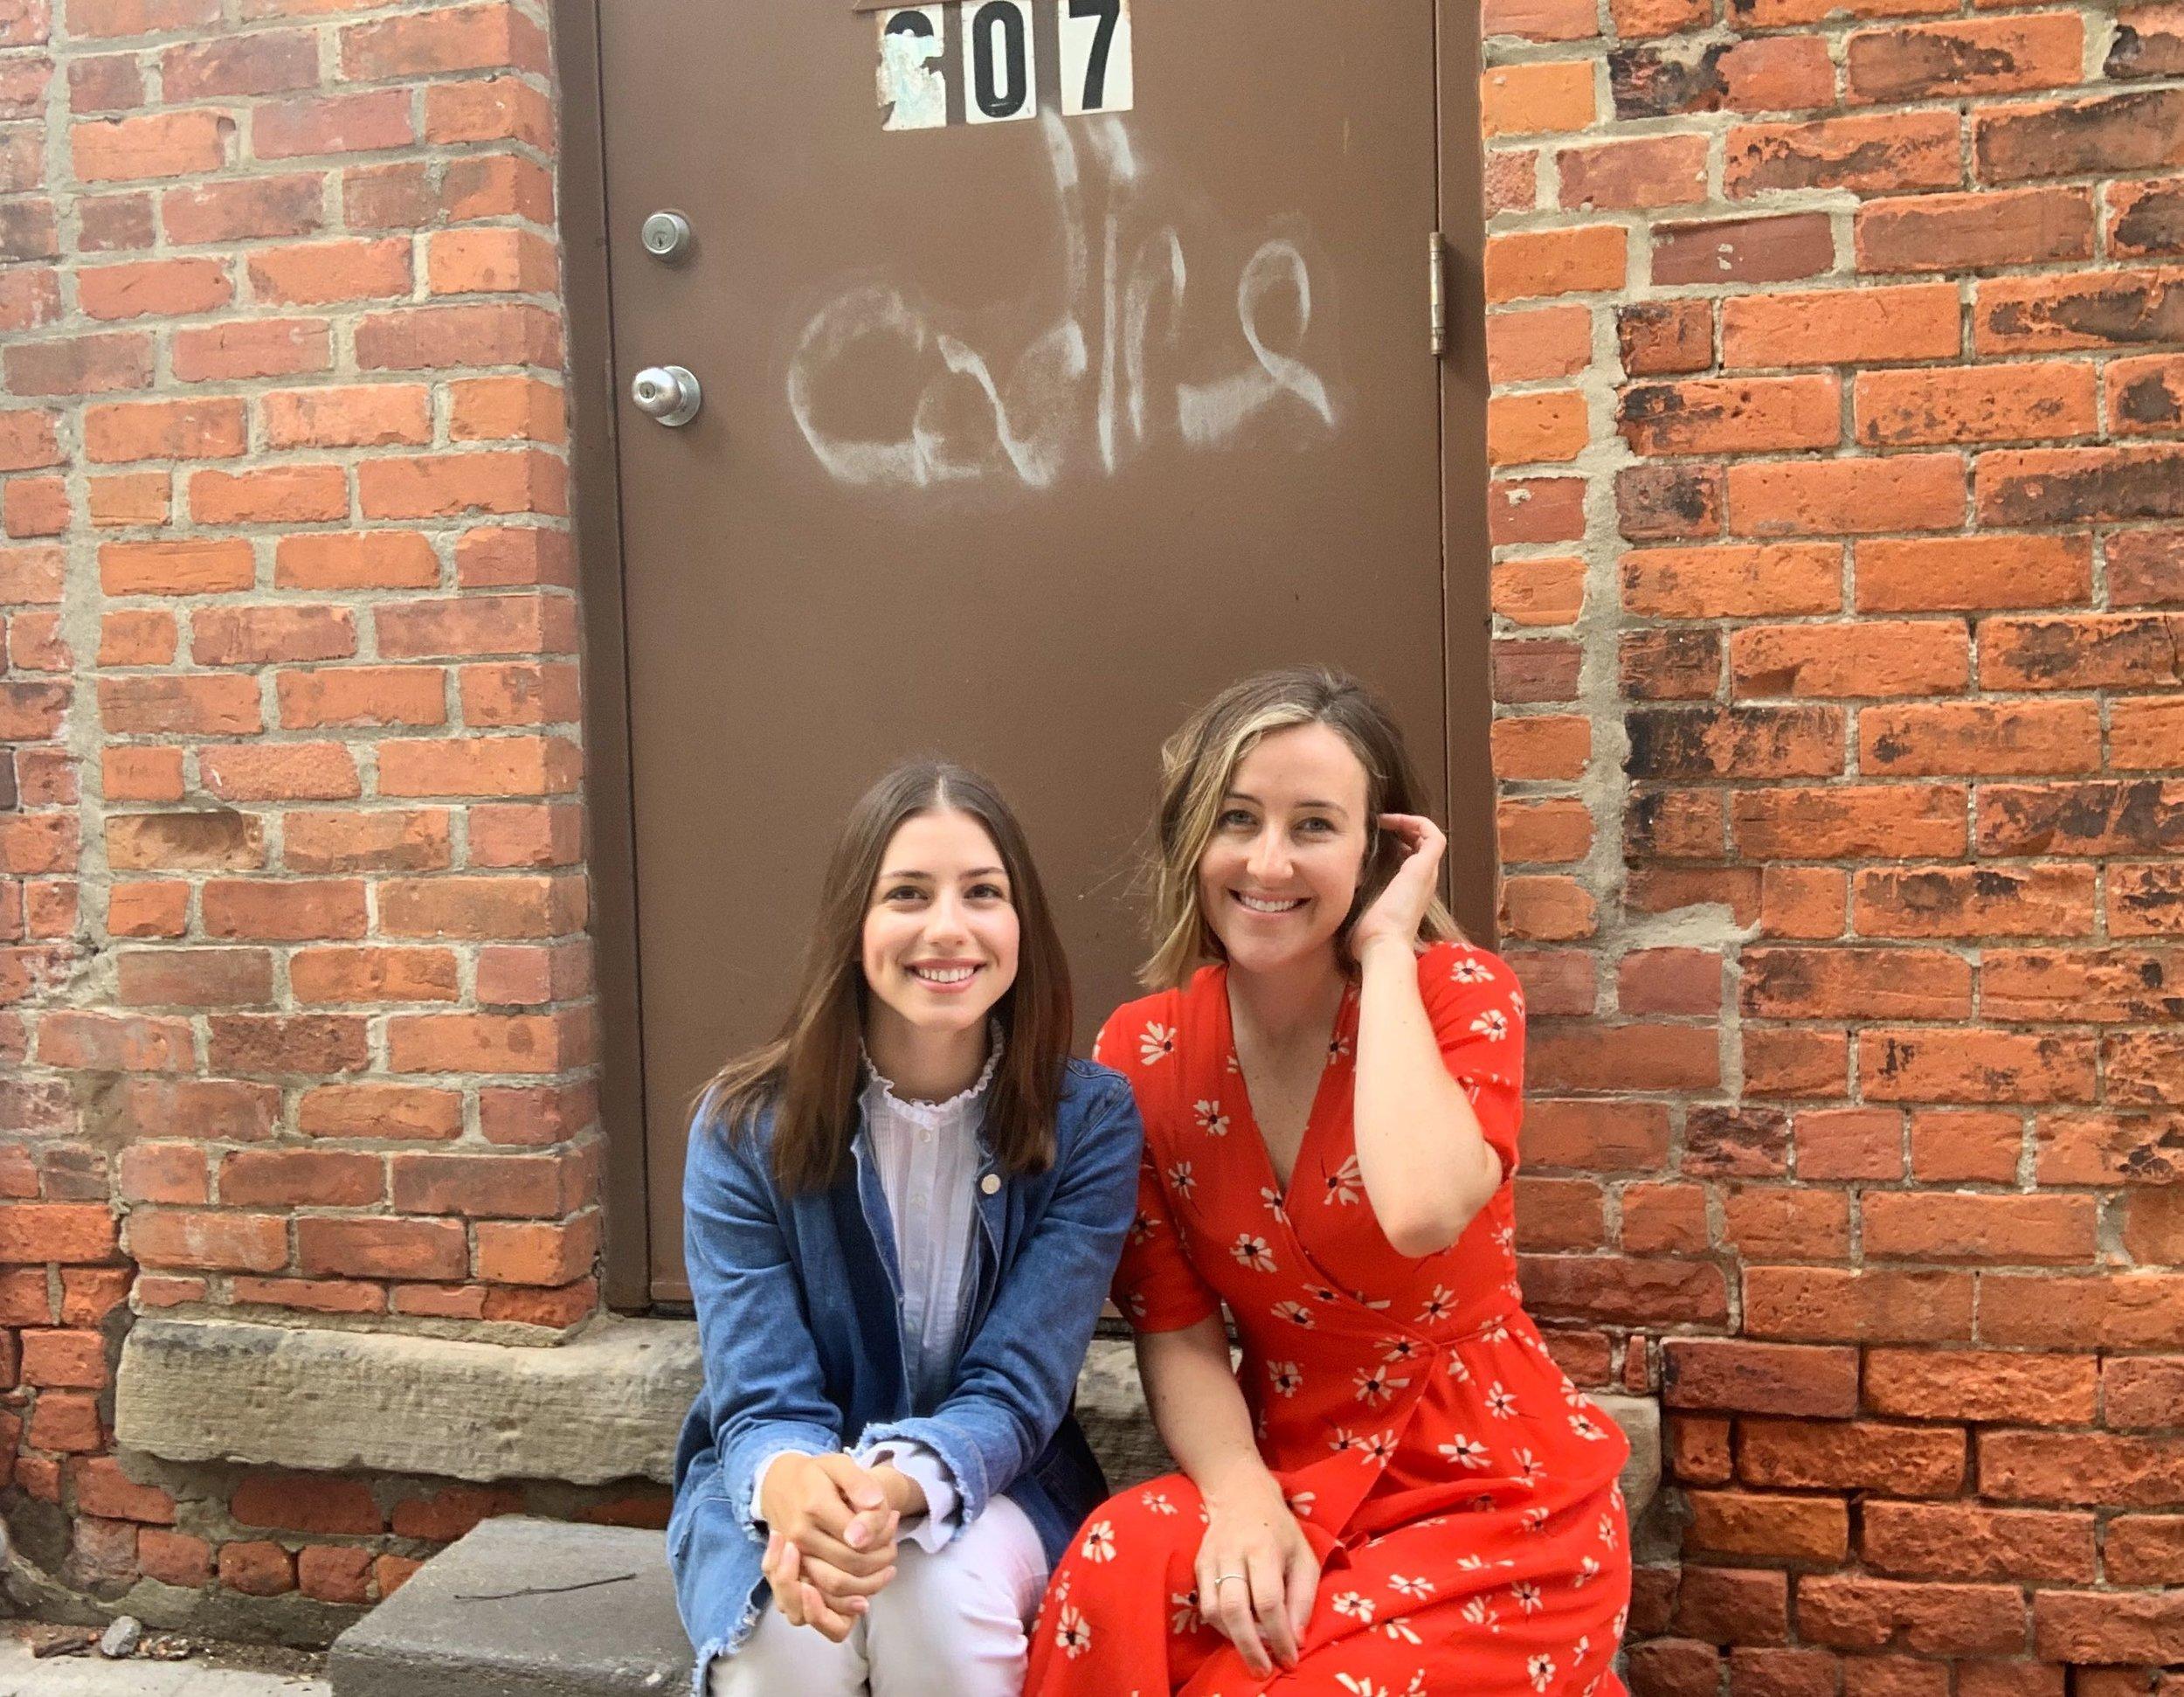 Rachel Phillips (left) and Katelyn Kelly (right)